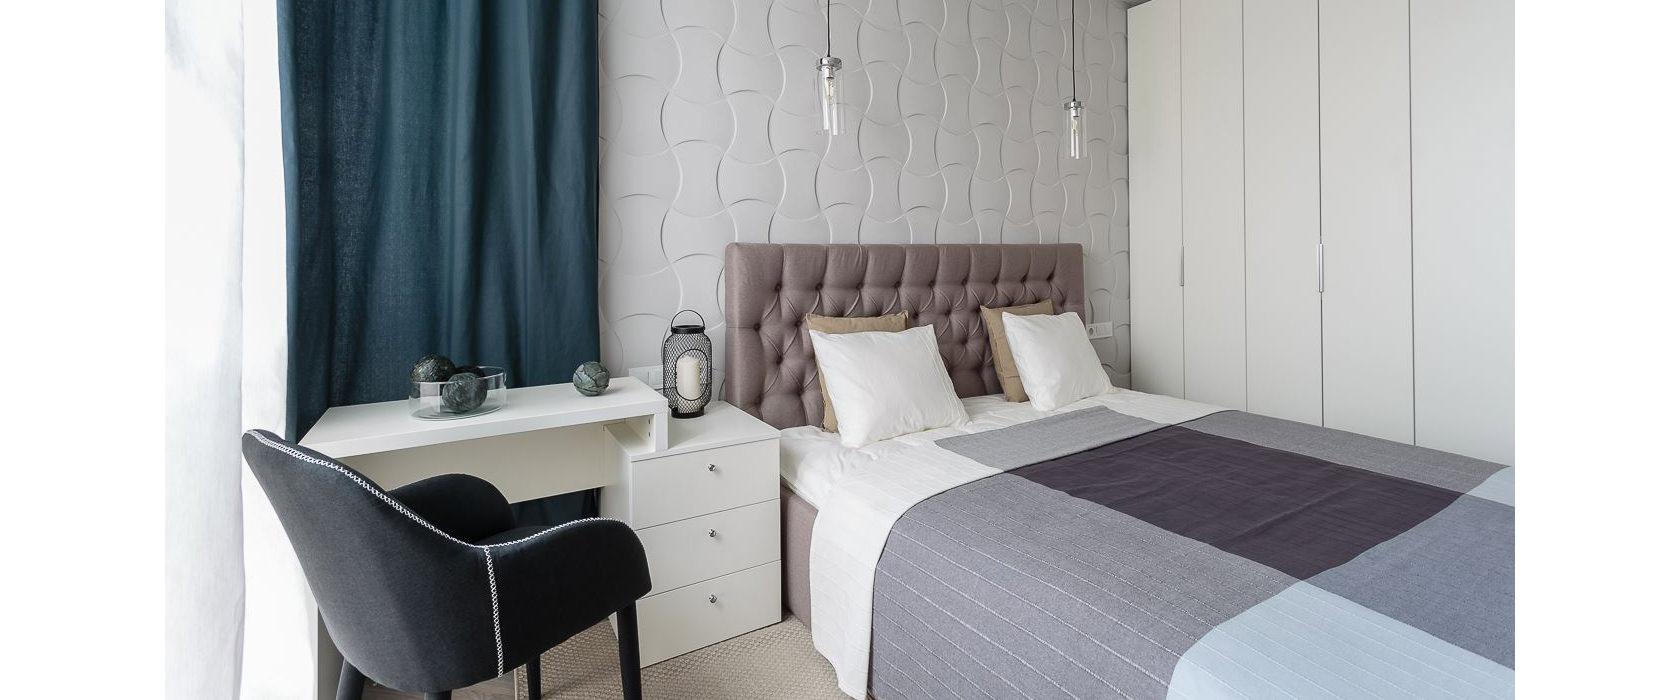 Кровать Forli - Фото 2 - Pufetto